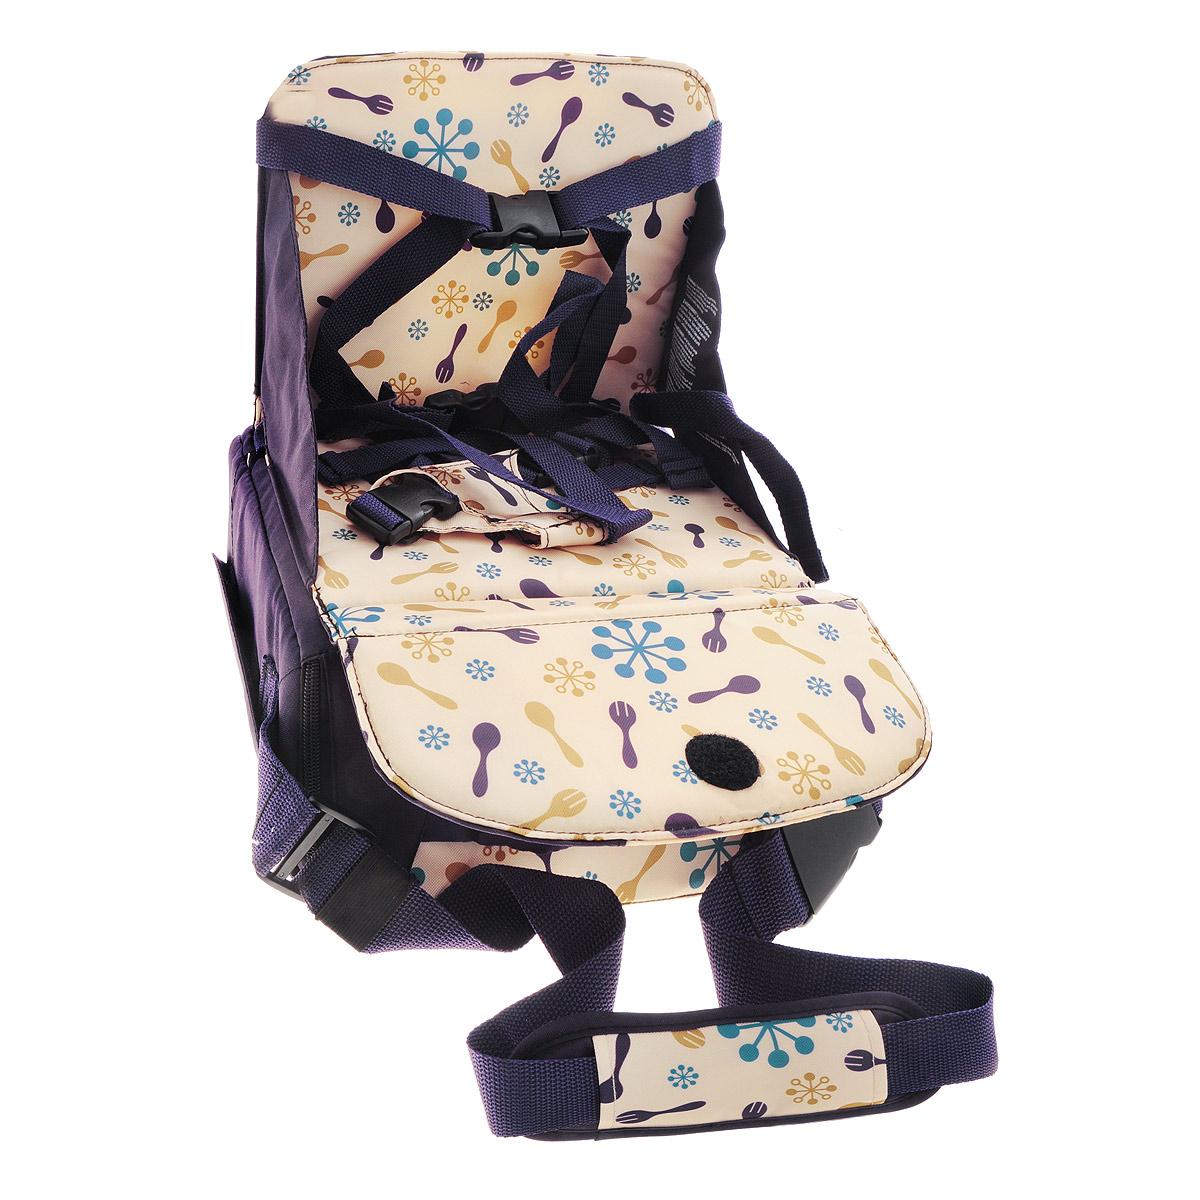 """Дорожный стульчик для кормления """"Munchkin"""", цвет: фиолетовый, бежевый. Е0001088 Е0001088_фиолетовый, бежевый"""